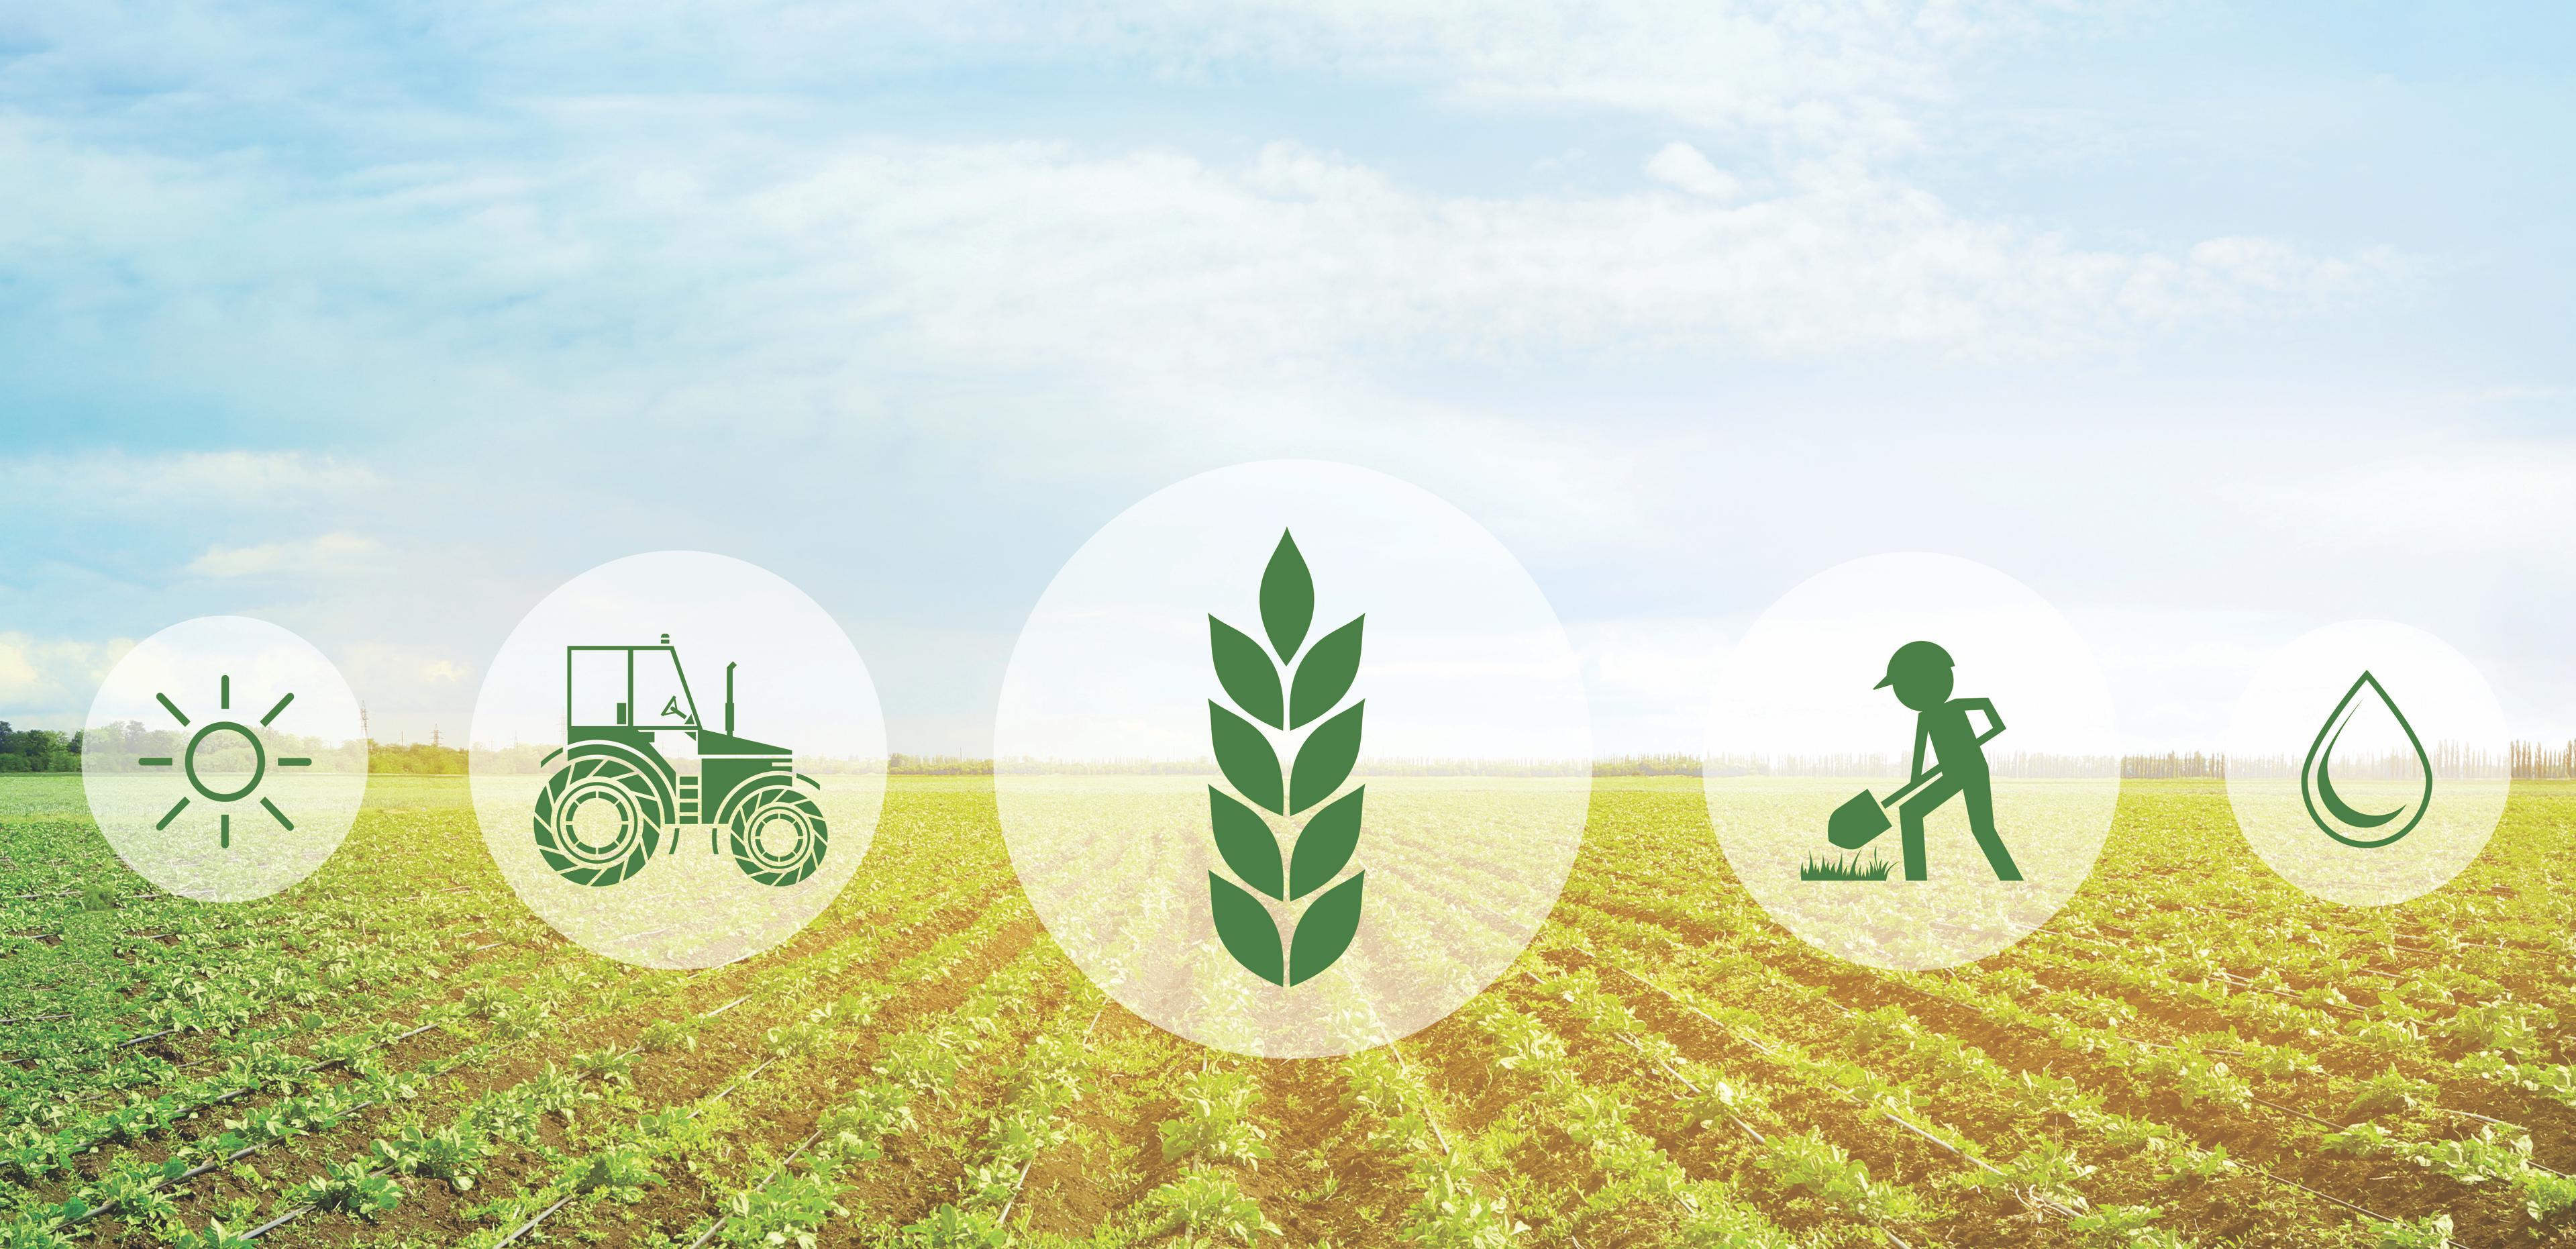 Global Smart Farm Management Software Market 2020 SWOT Analysis – Deere &  Company, The Climate Corporation, Trimble, Inc. – Galus Australis